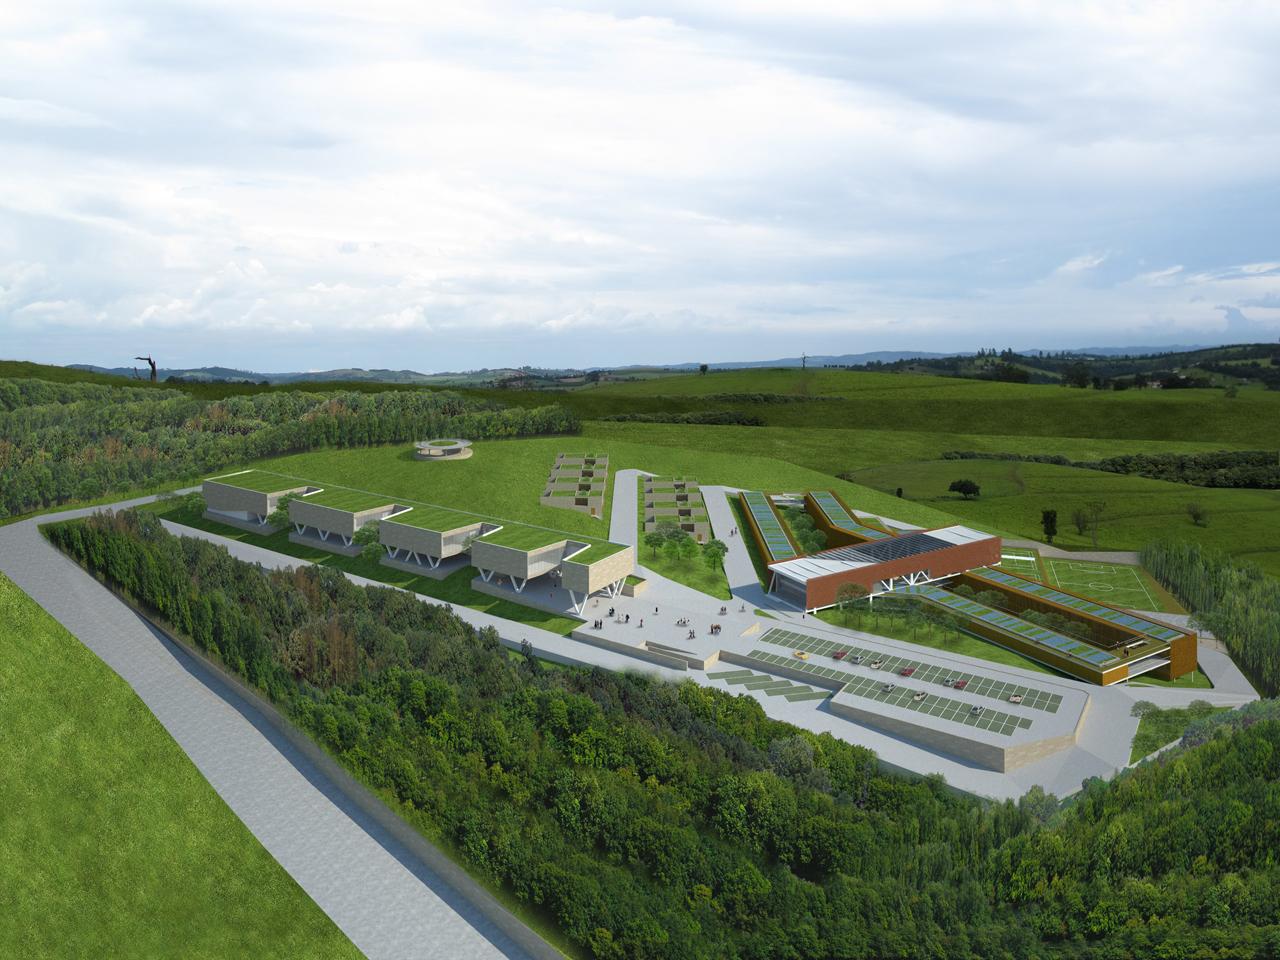 2° Prêmio - Concurso Projeto Aliah: Um hotel para uma Copa verde / Oficina Coletiva Arquitetos, Vista Geral